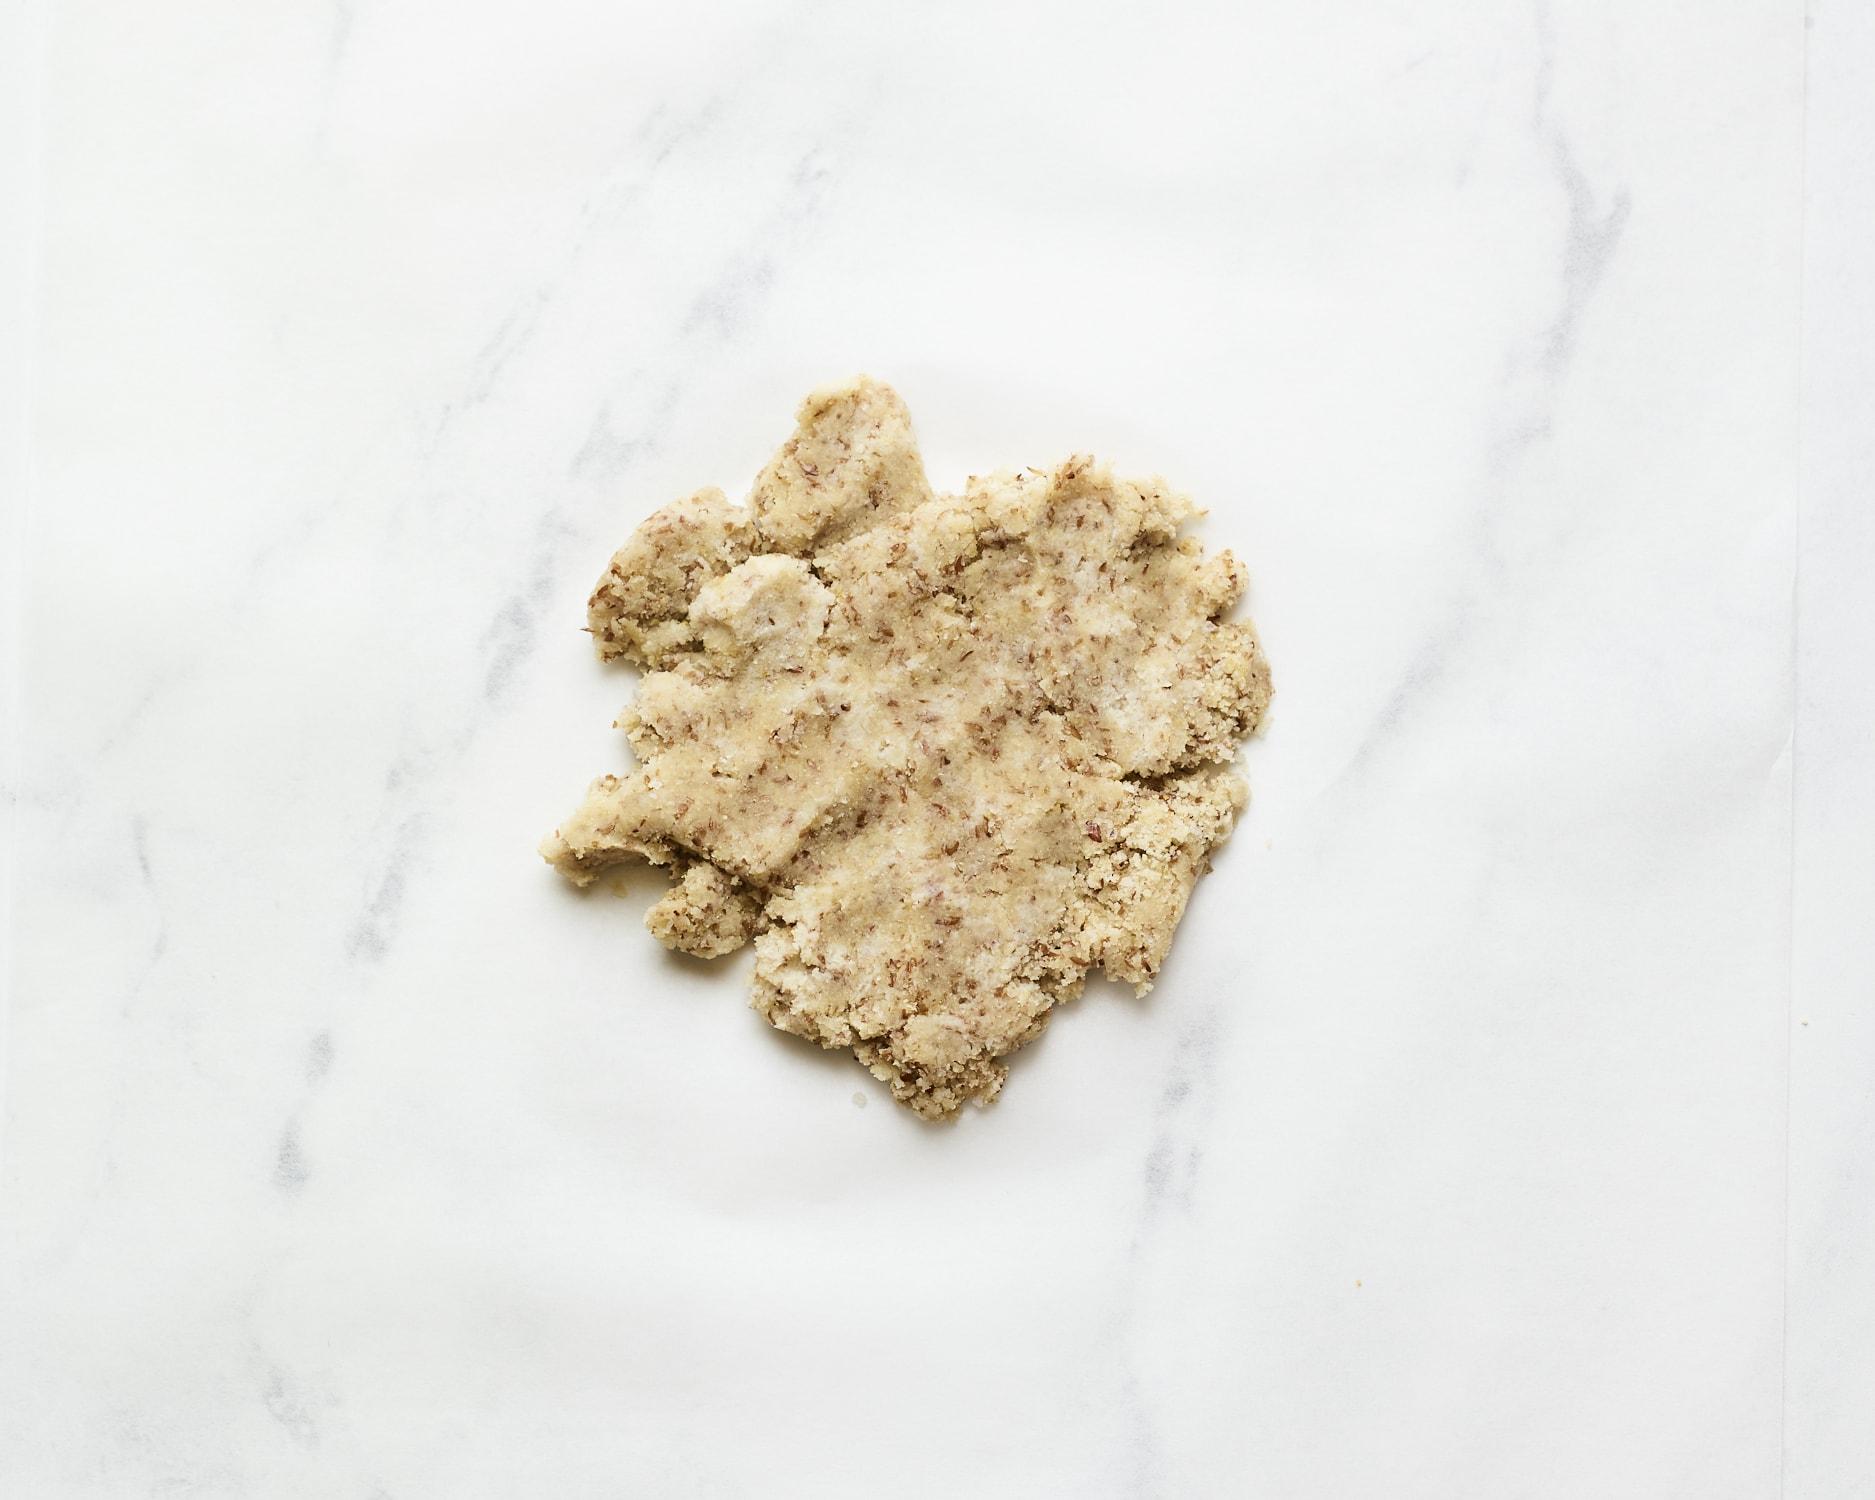 Almond flour cracker dough on a marble slab.